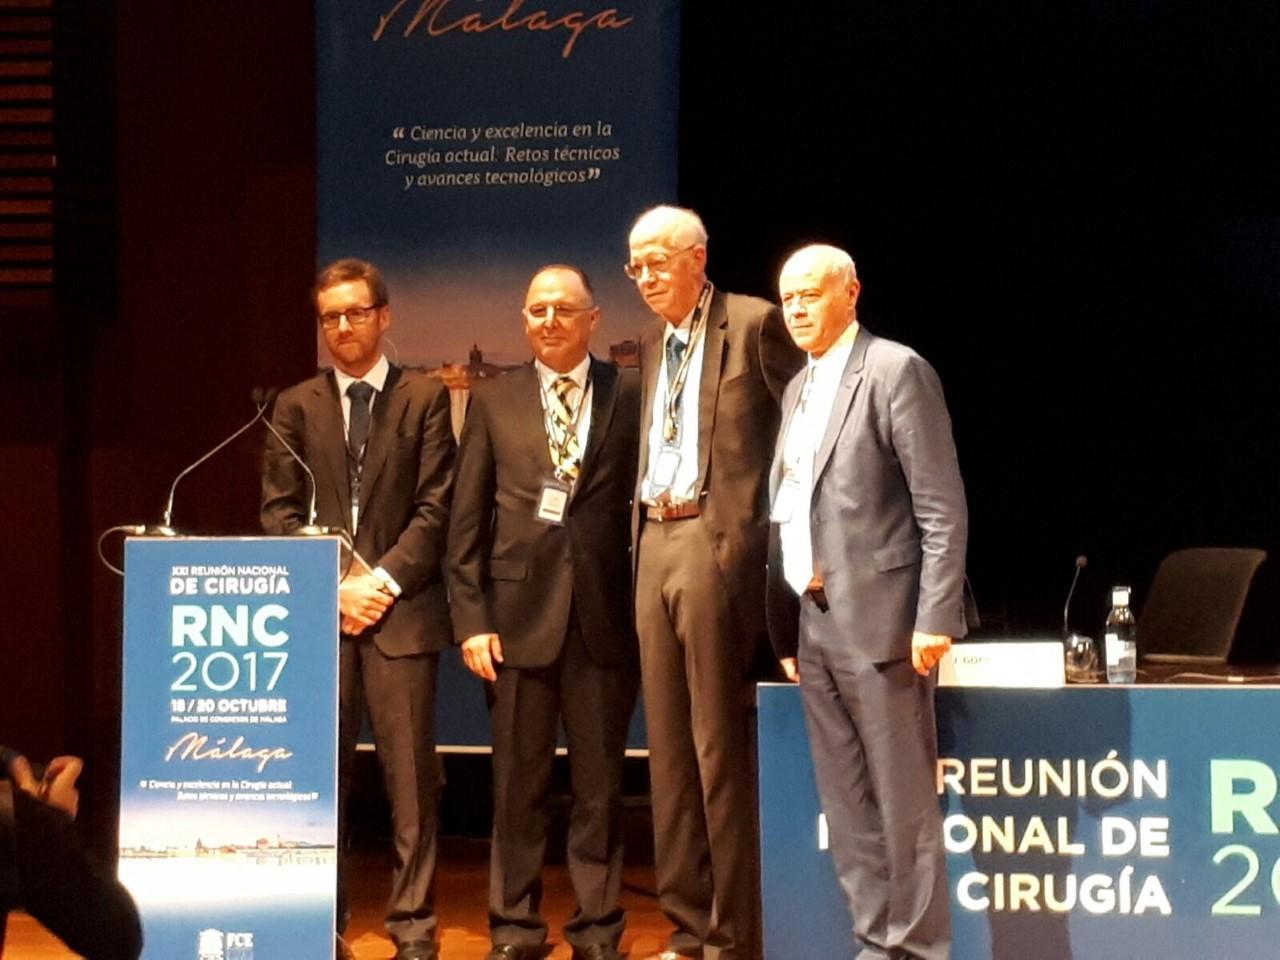 El Prof. Orlo Clark, miembro de honor de la Asociación Española de Cirujanos.